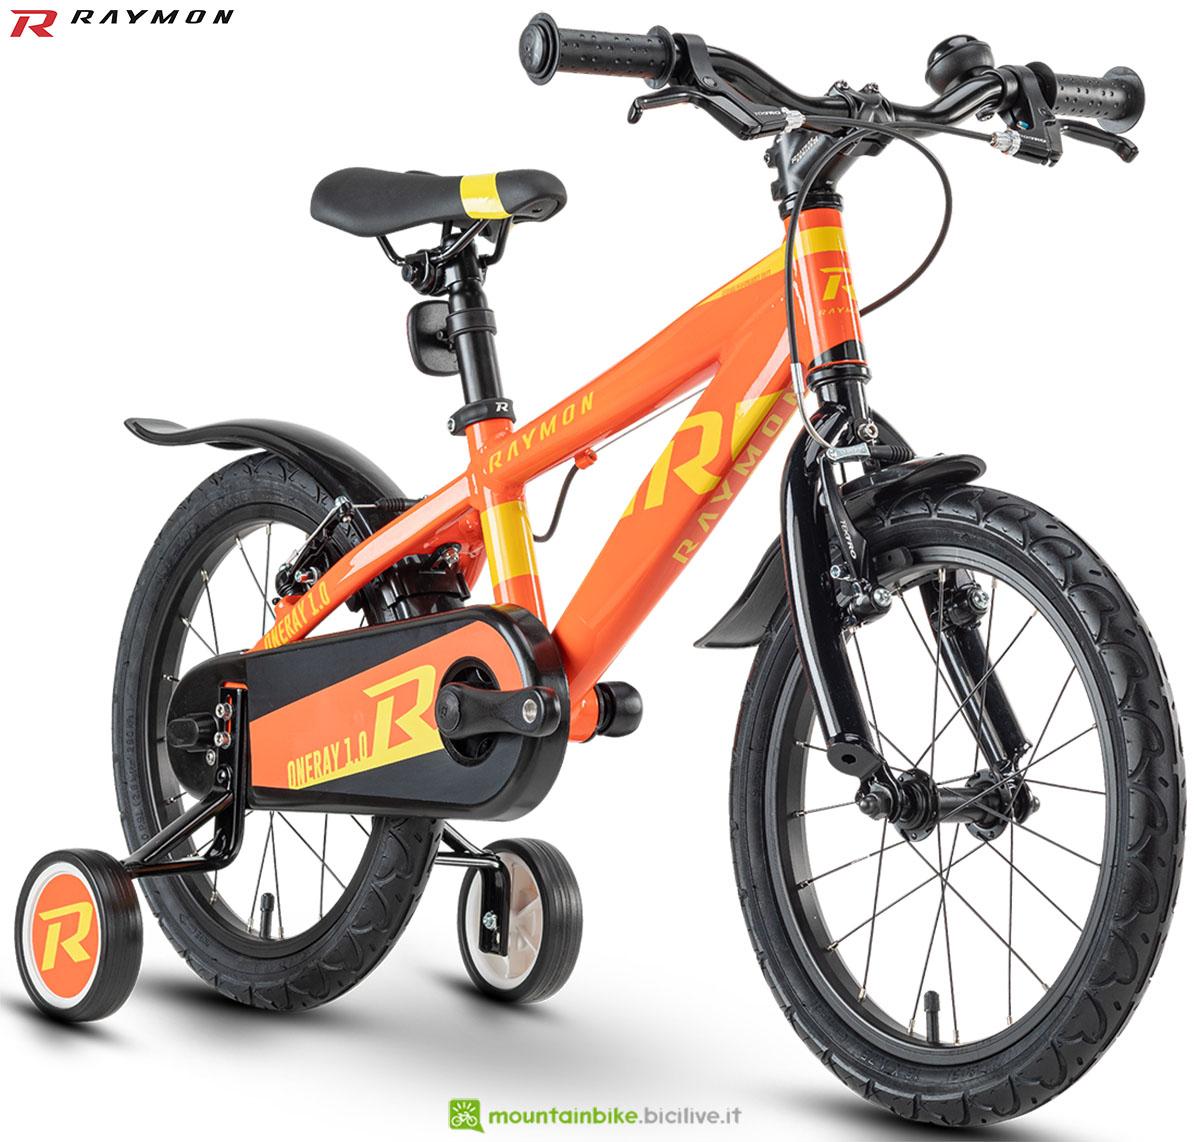 Una bici mtb R Raymon Oneray 1.0 2020